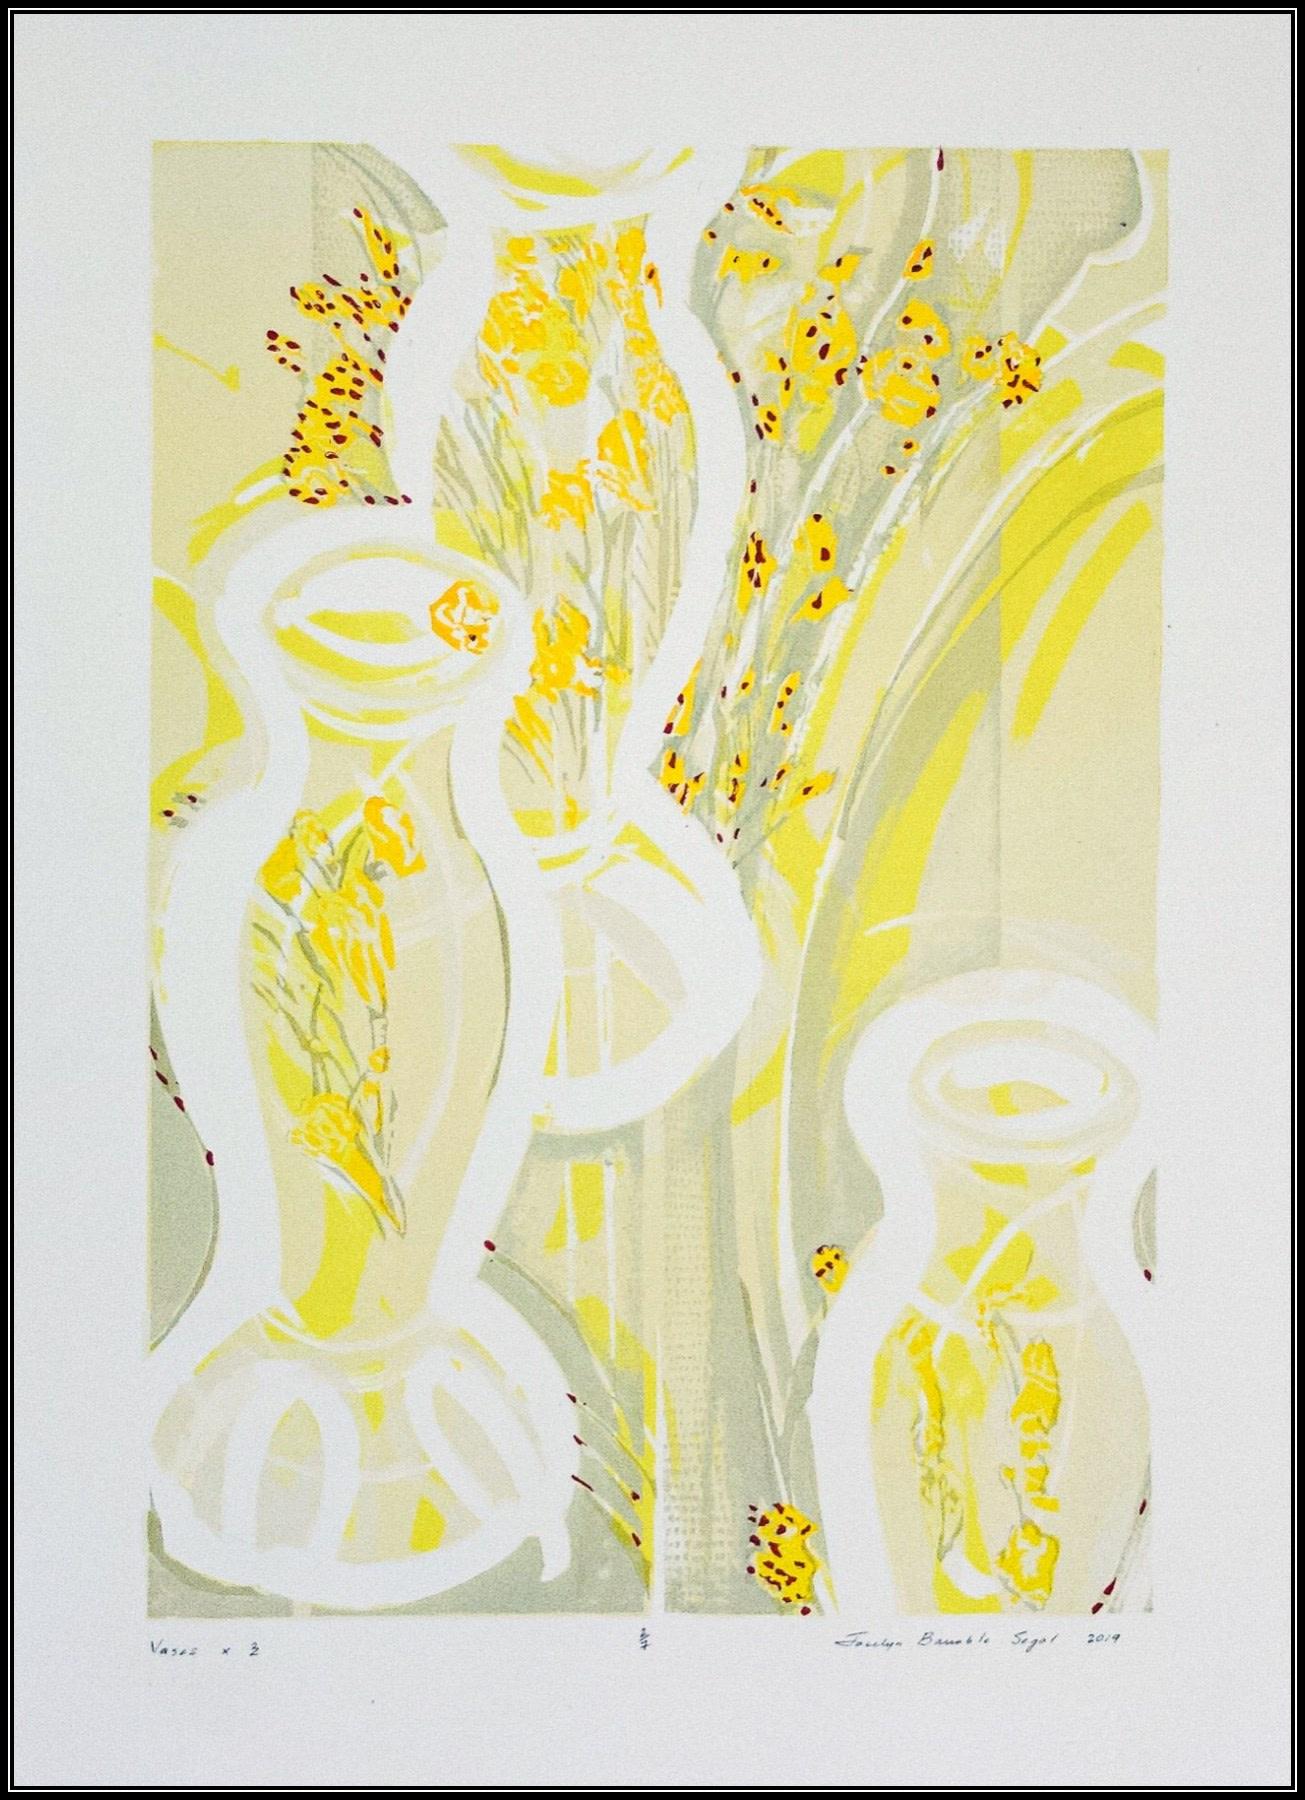 Vases 3 (framed)-1